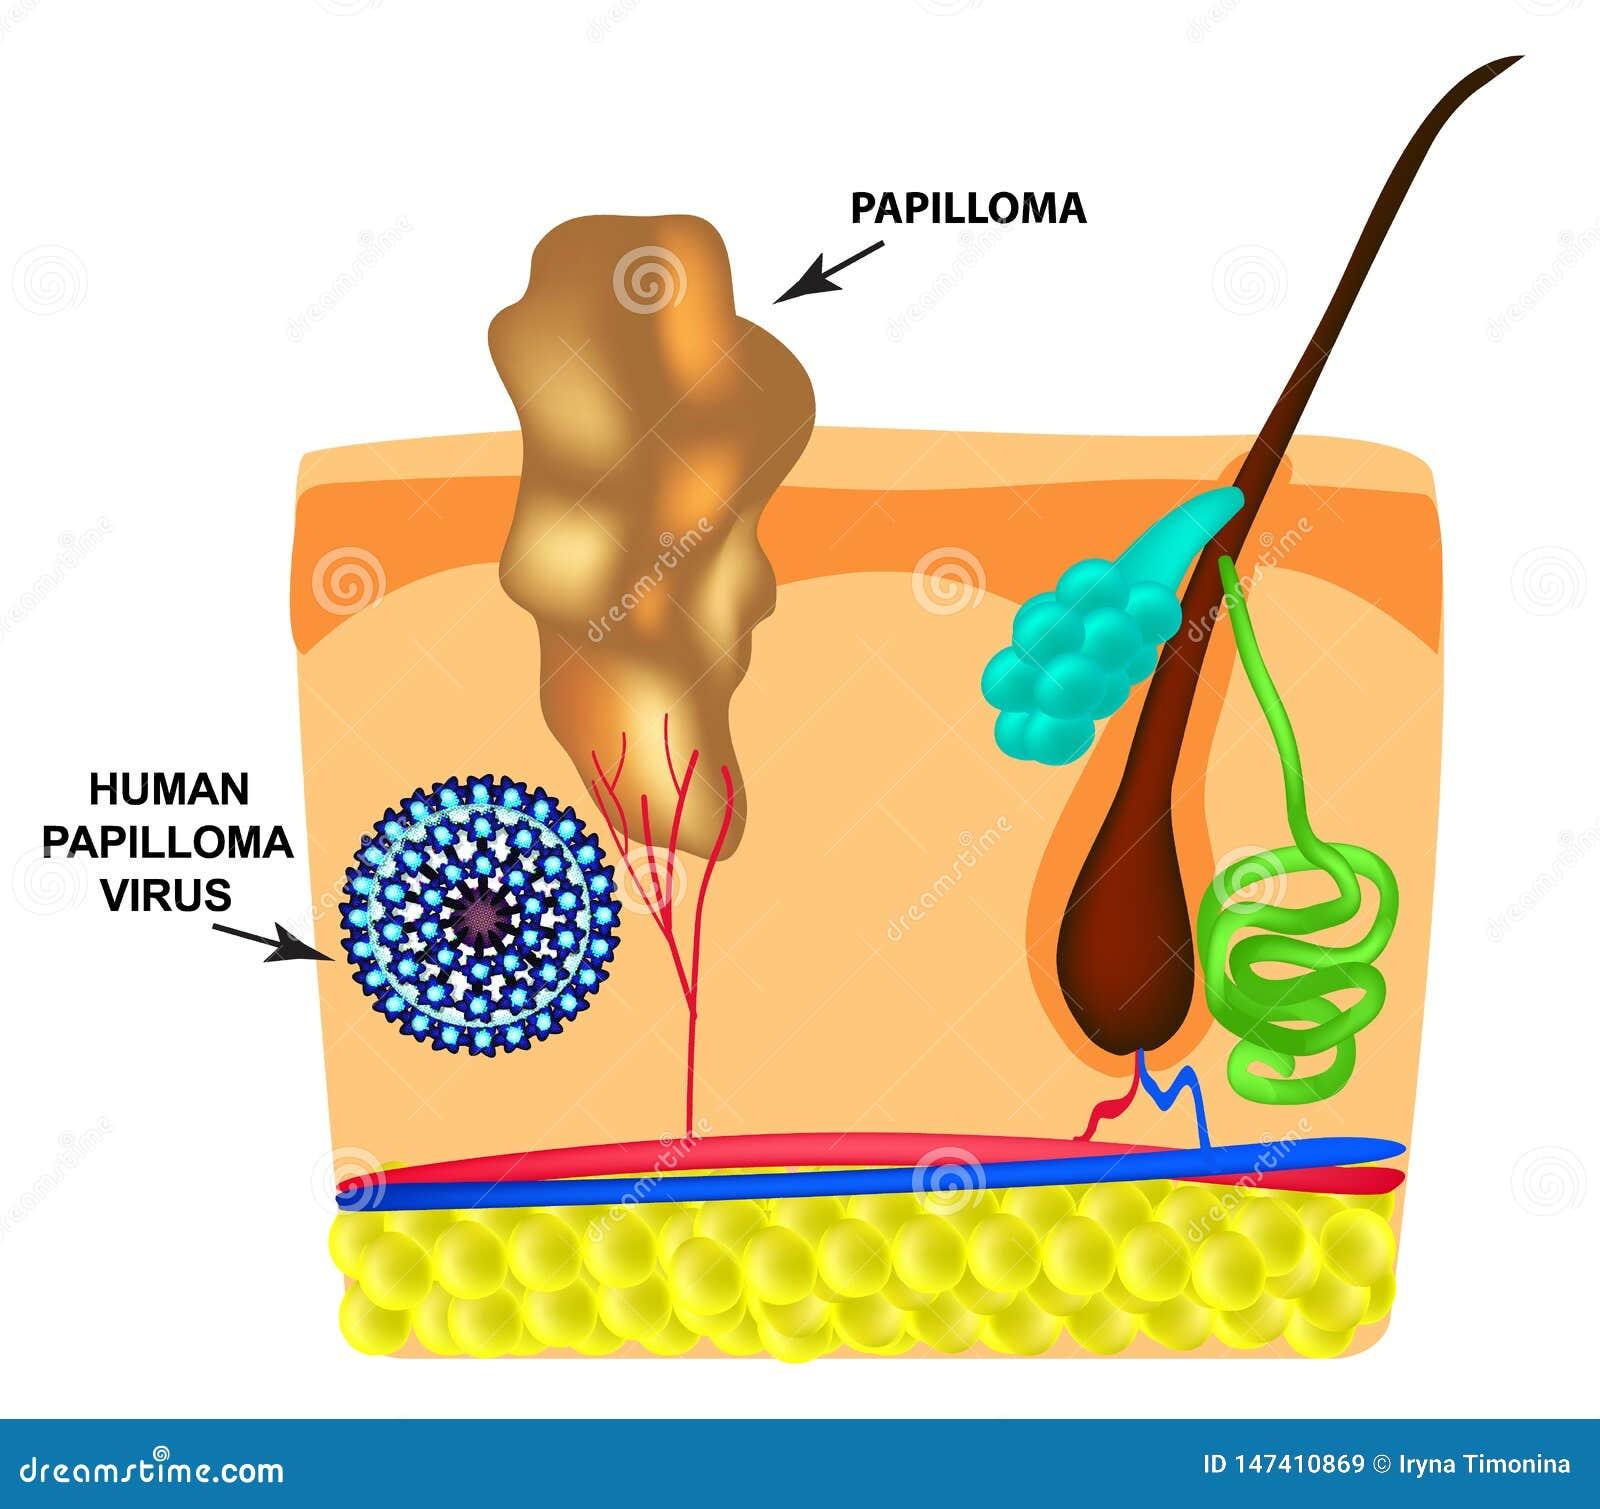 papilloma virus italiano sintomi medicamente pentru tratamentul papiloame